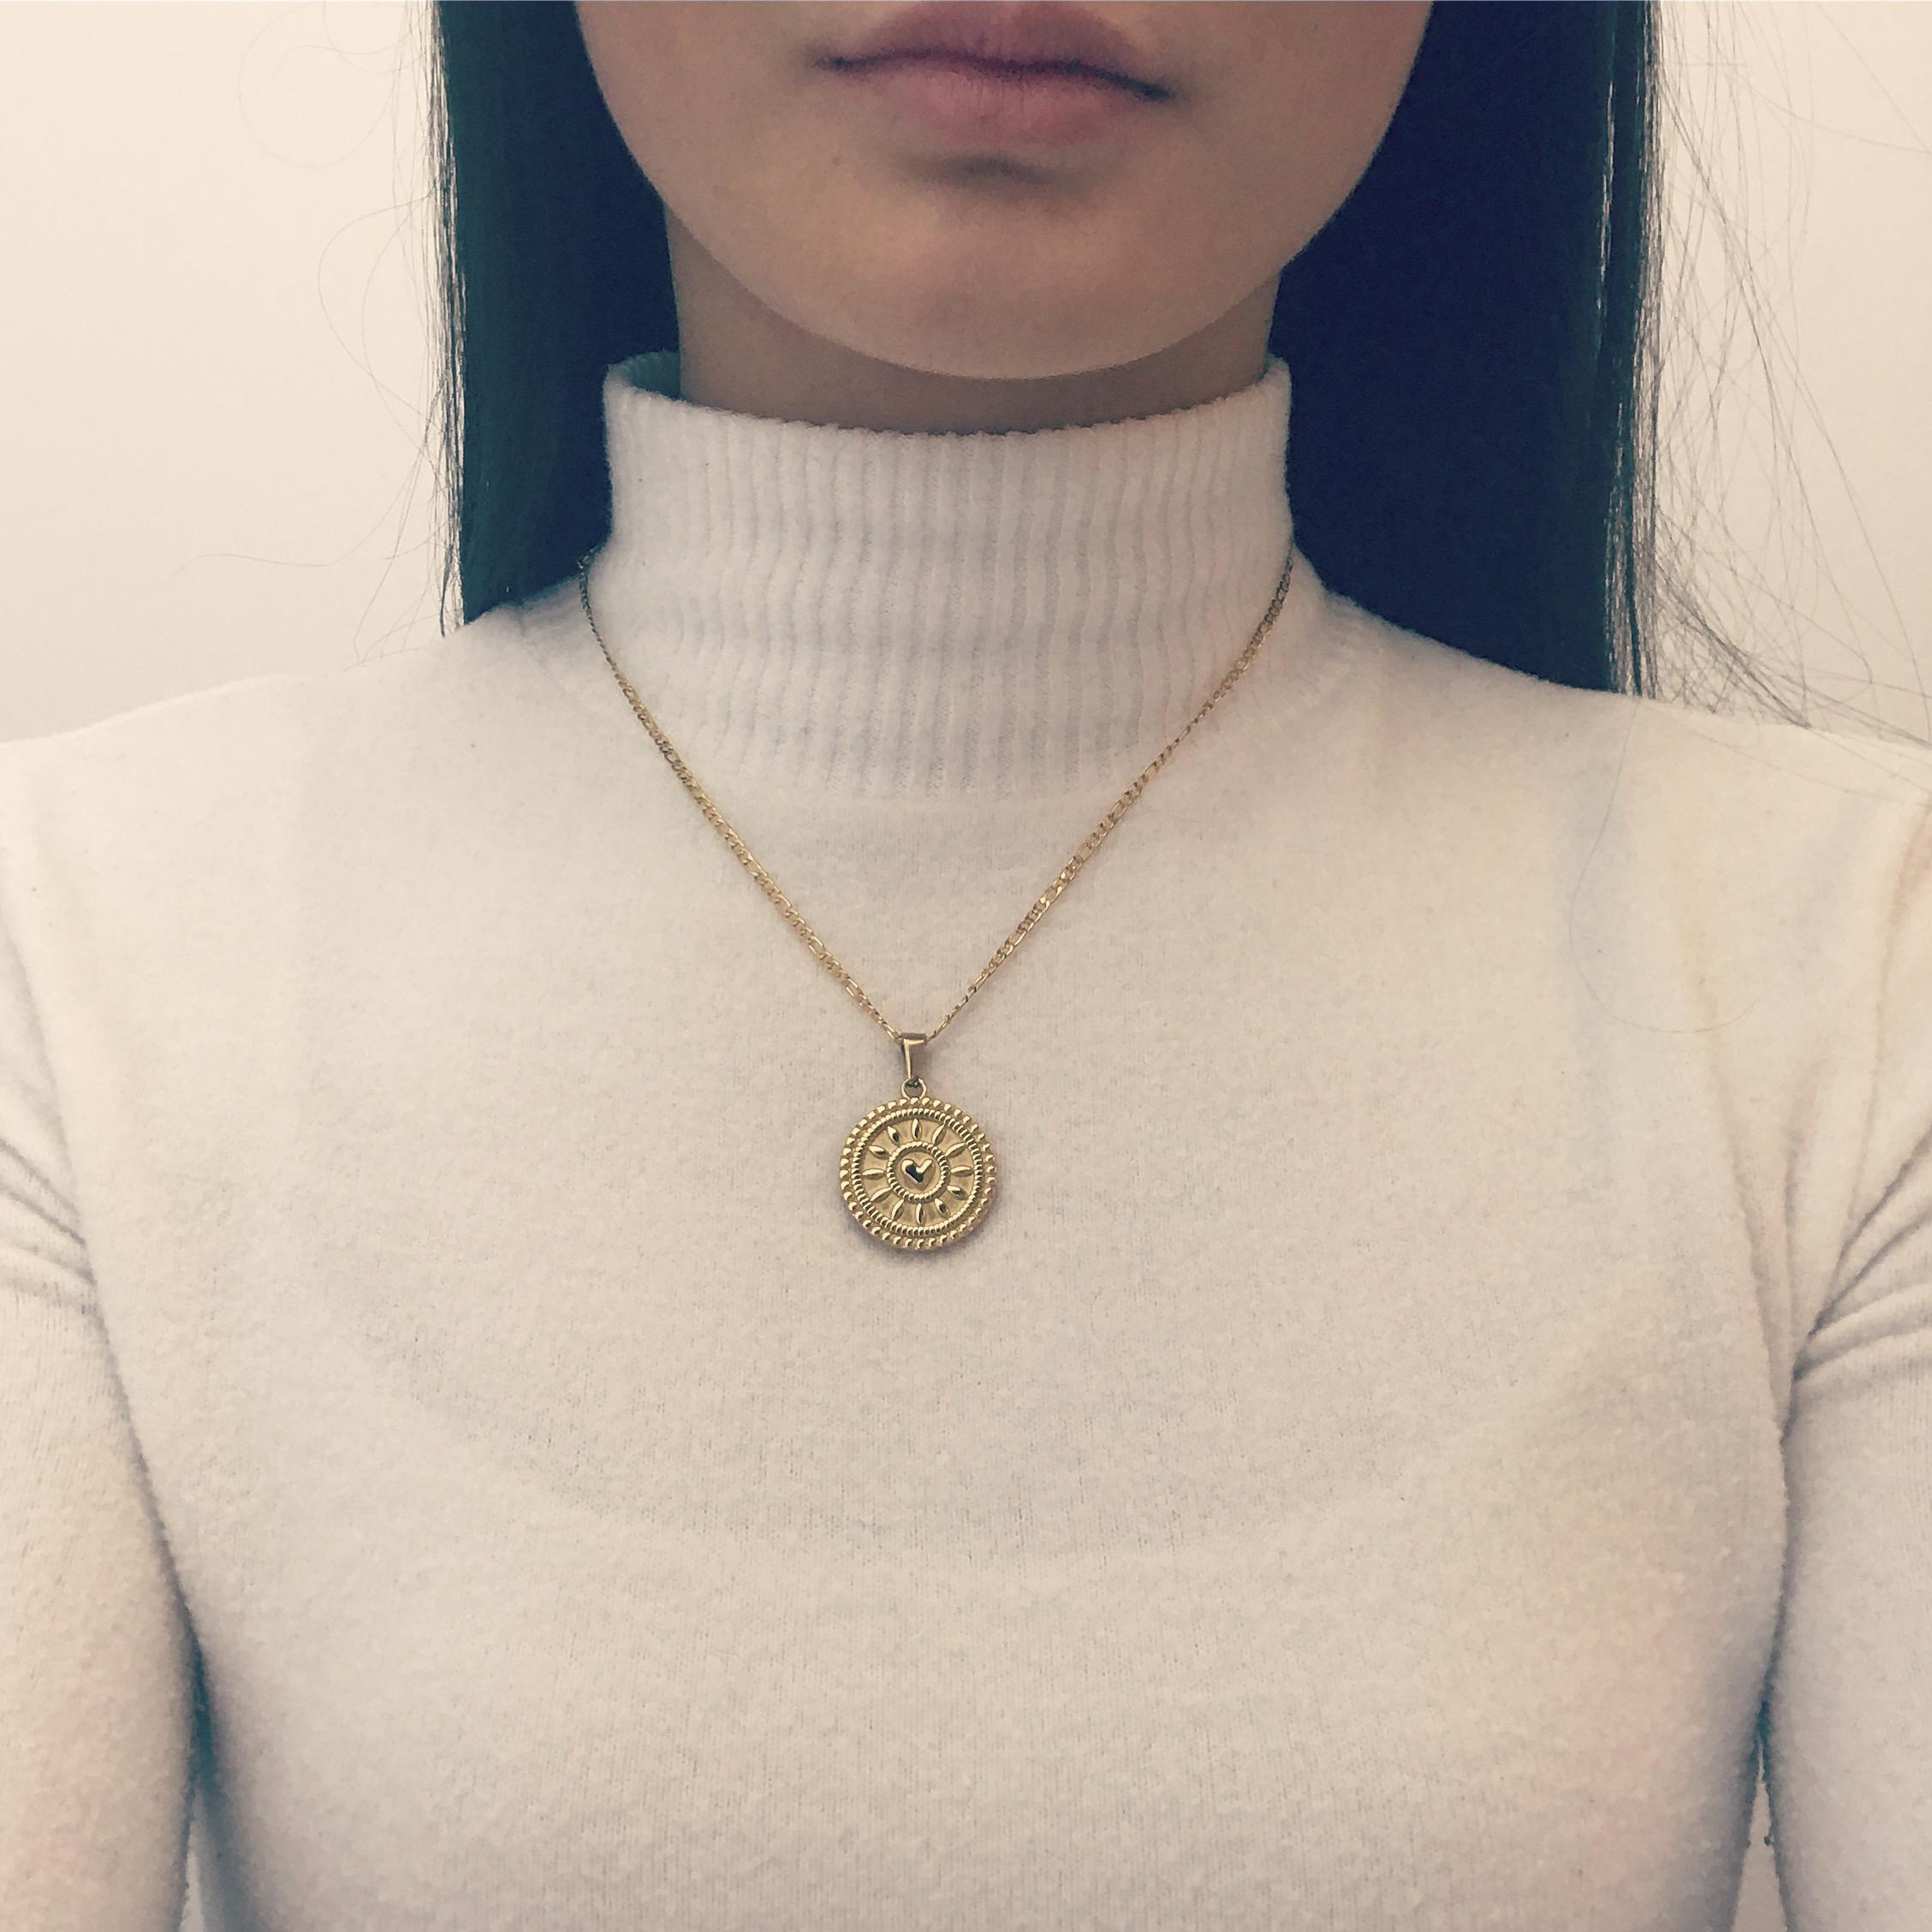 Meisje draagt een gouden ketting met grote munt en een hartje